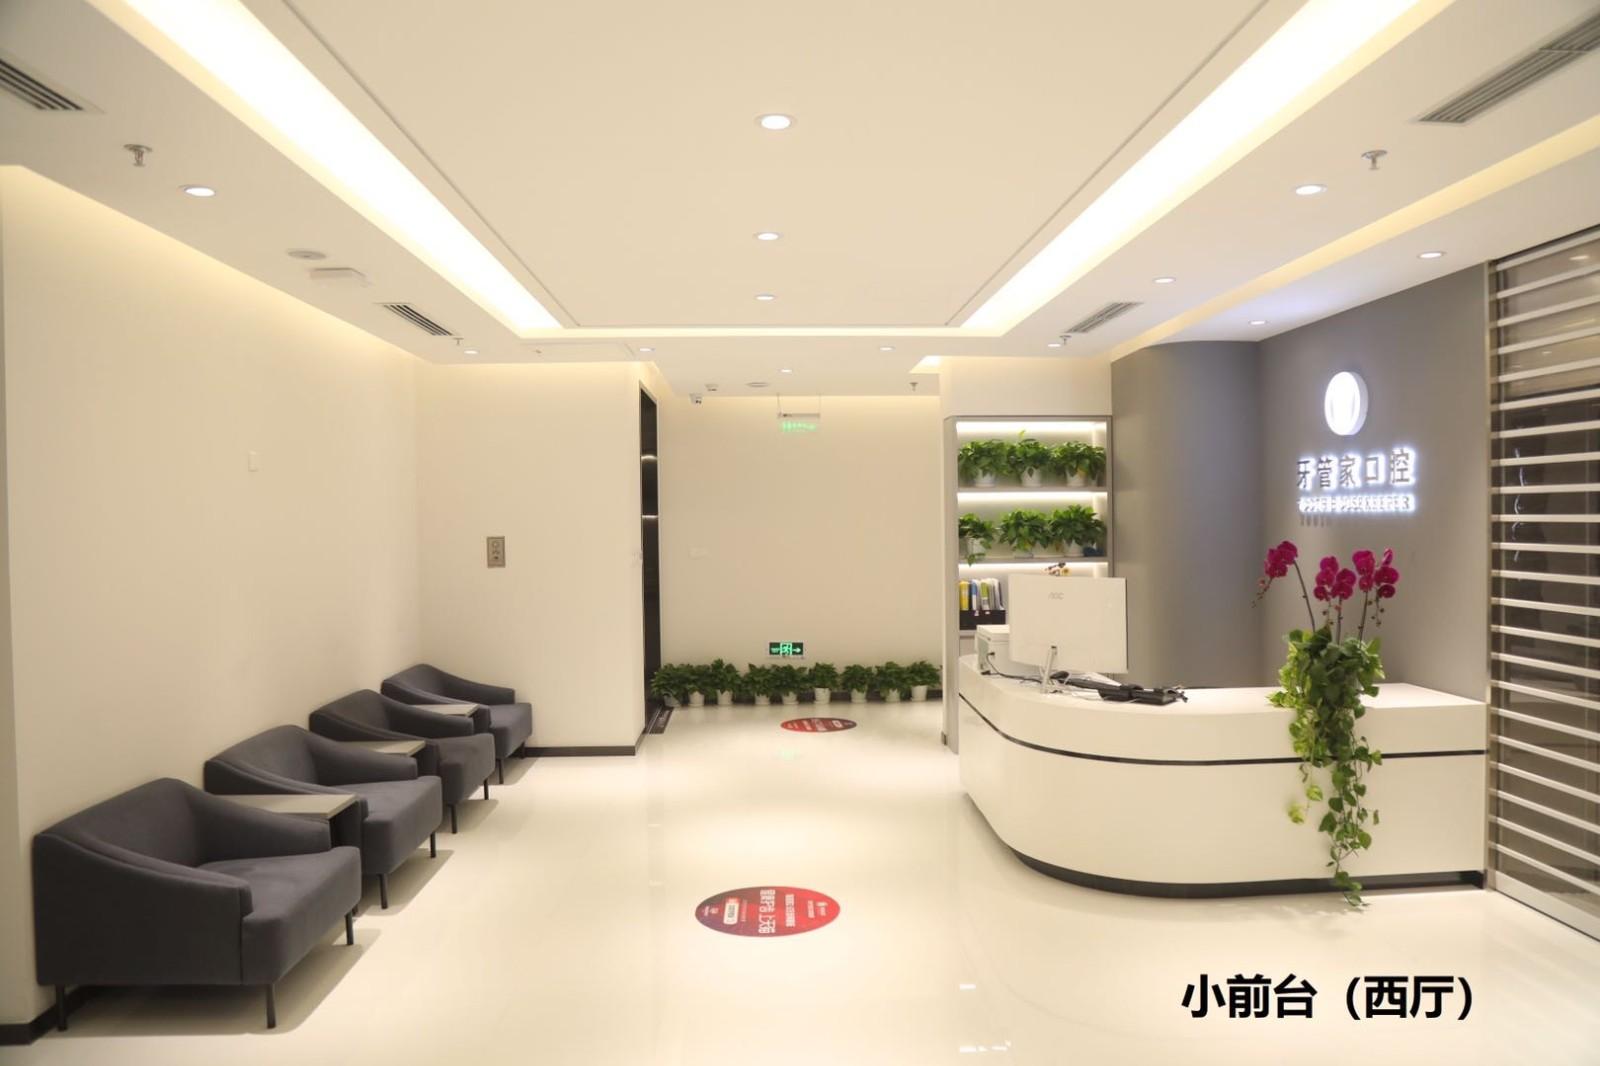 北京美年口腔小前台西厅